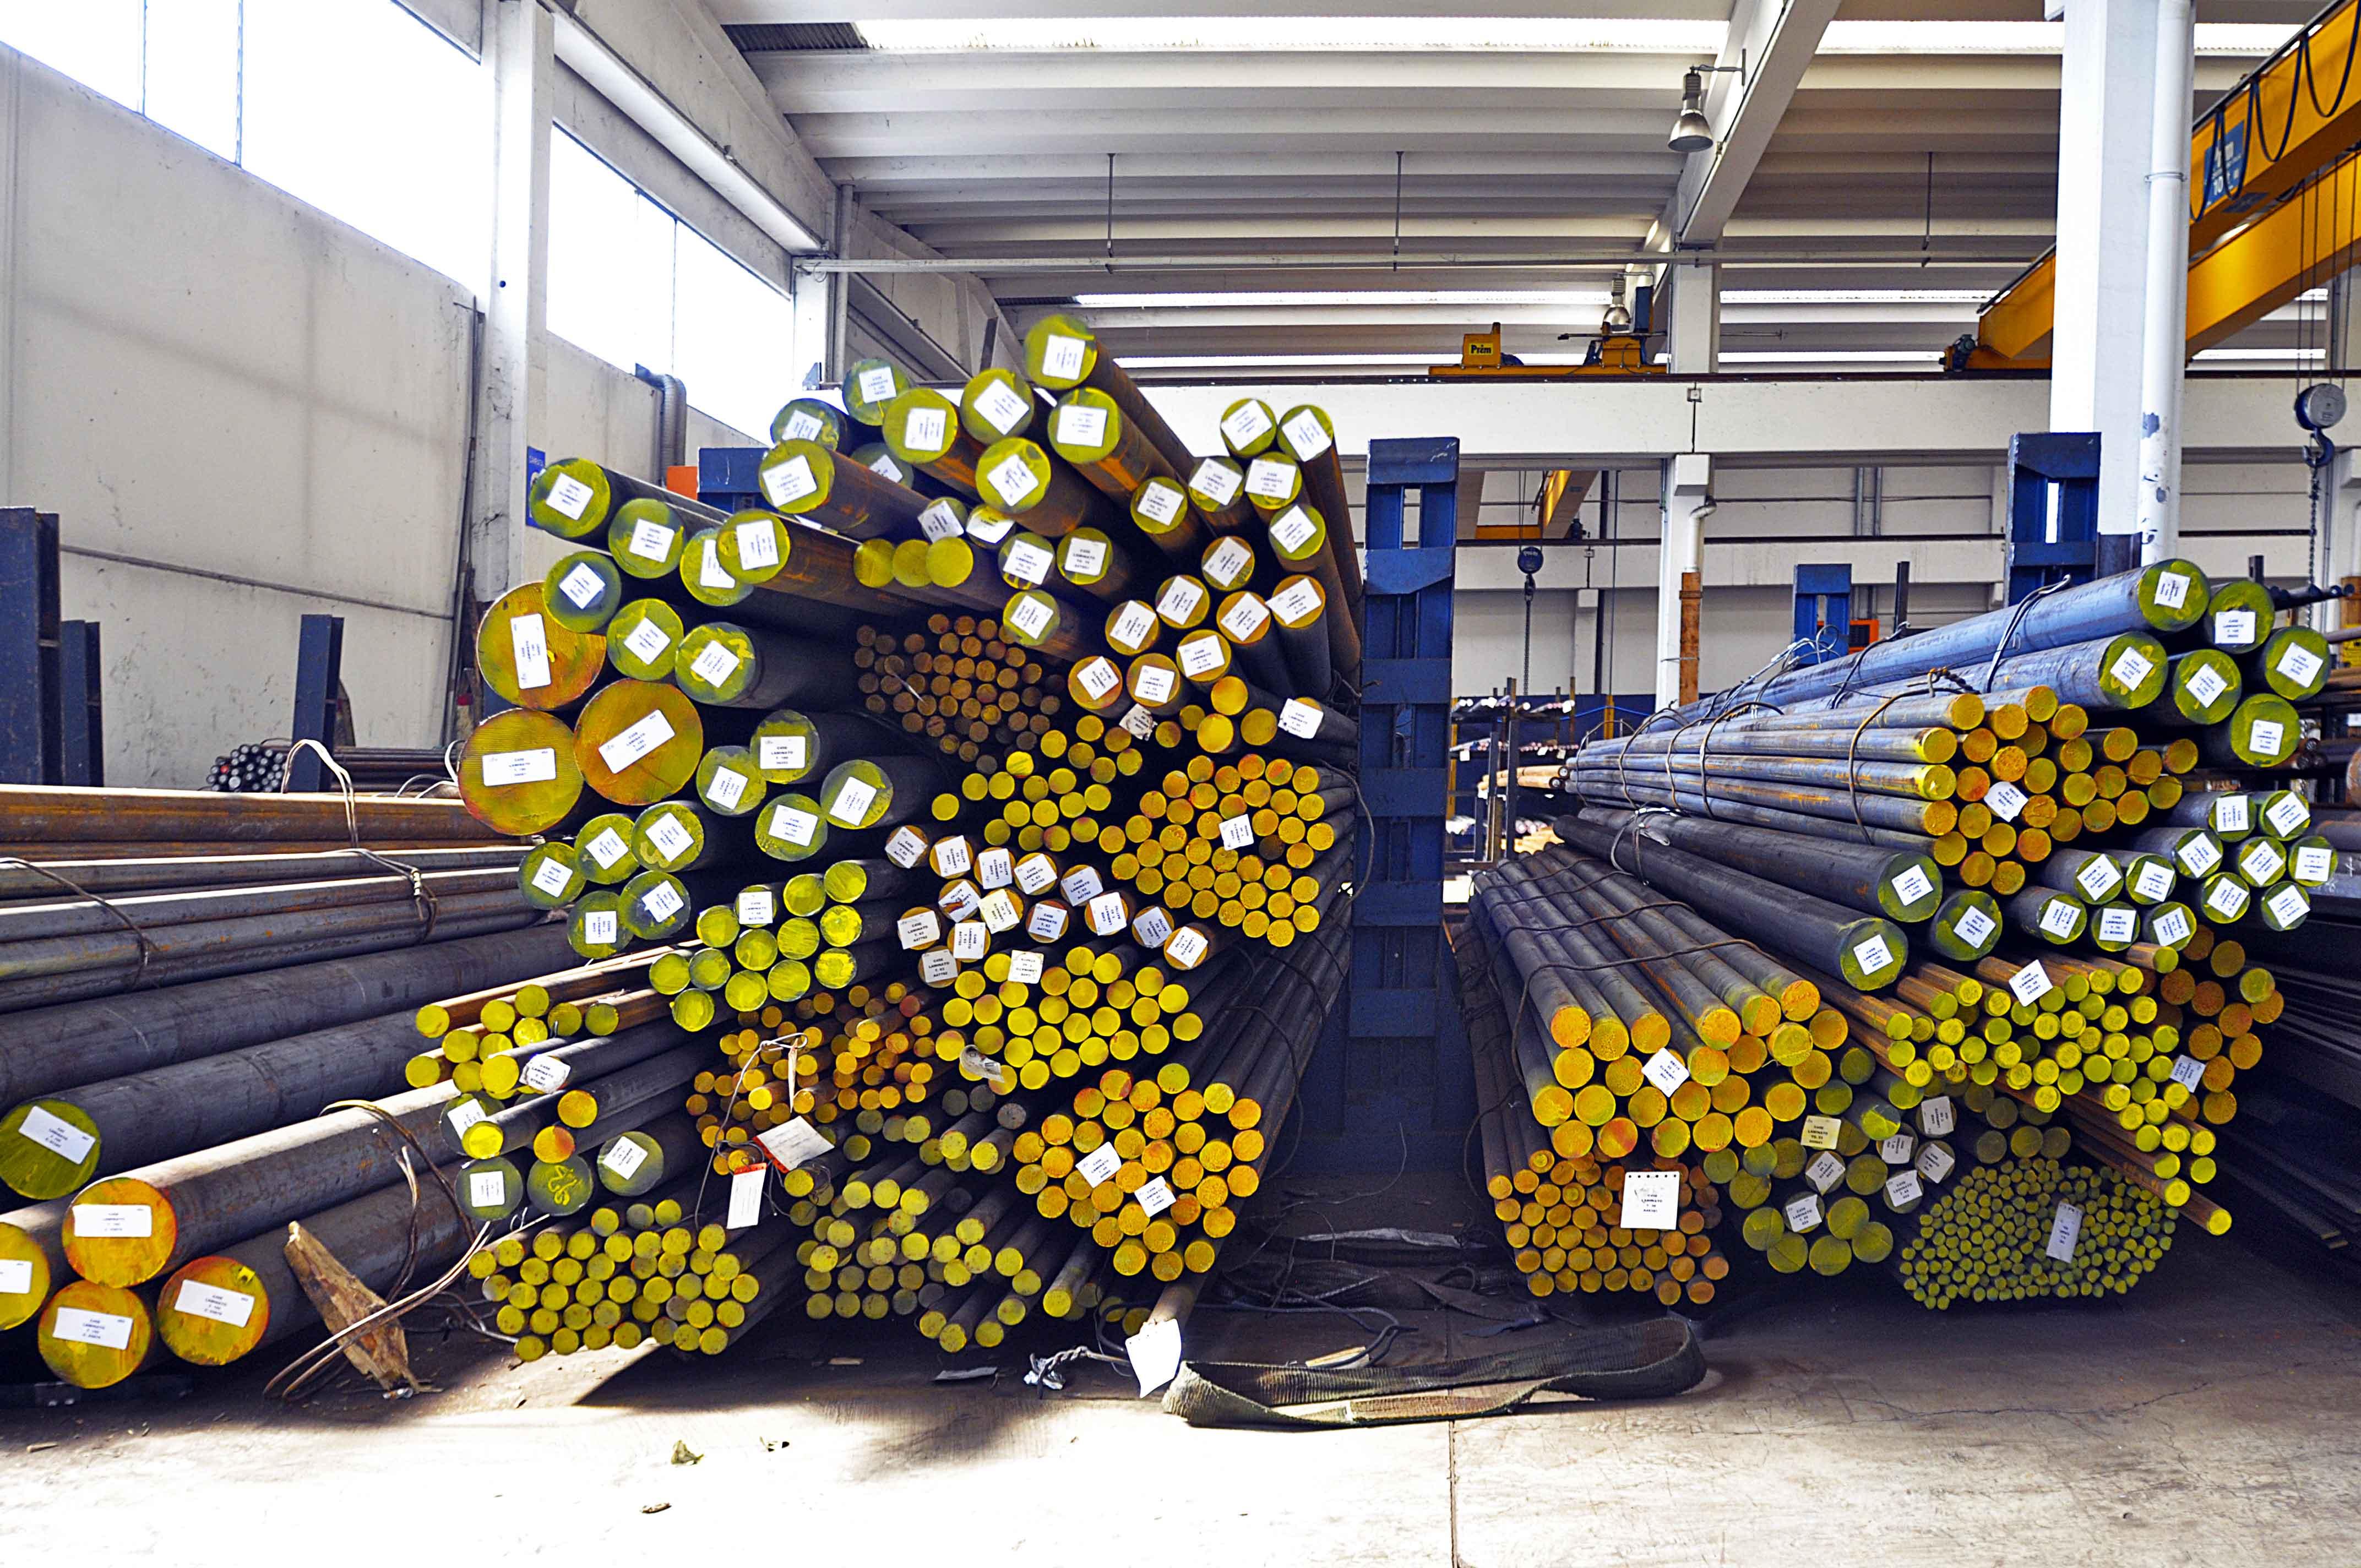 tagli-acciai-interno-centro-siderurgico-5